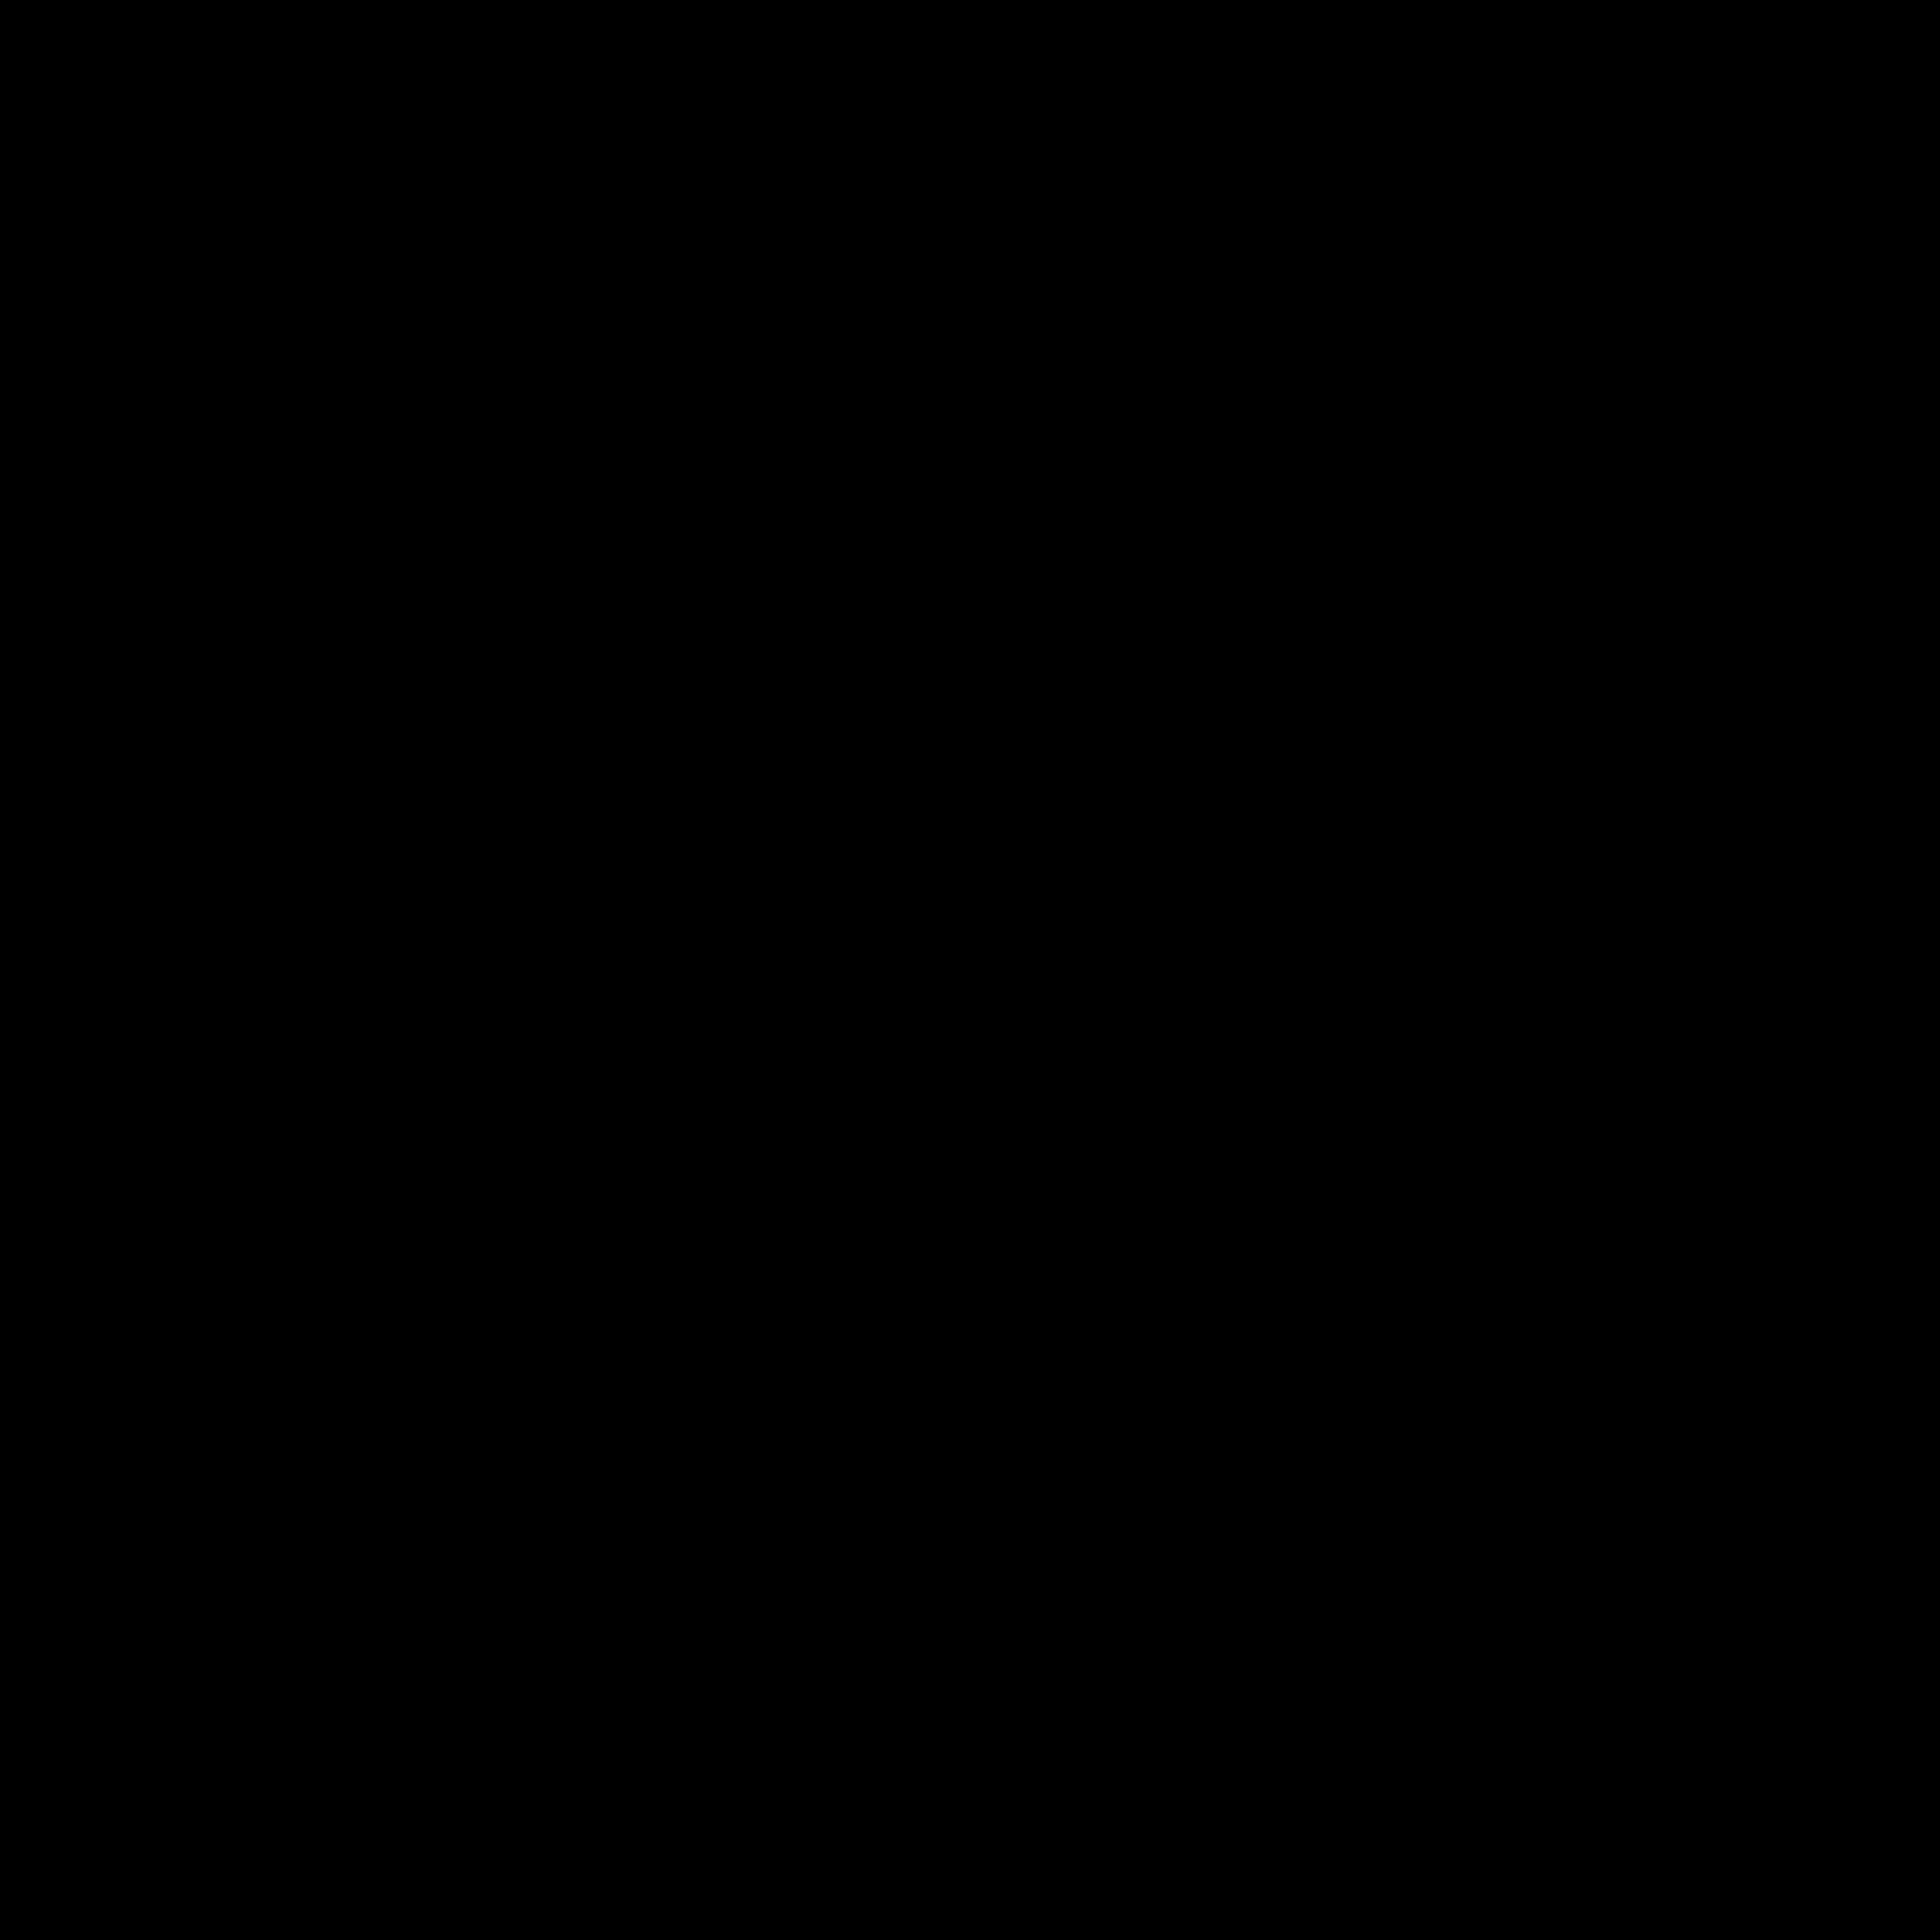 john-hancock-1-logo-png-transparent